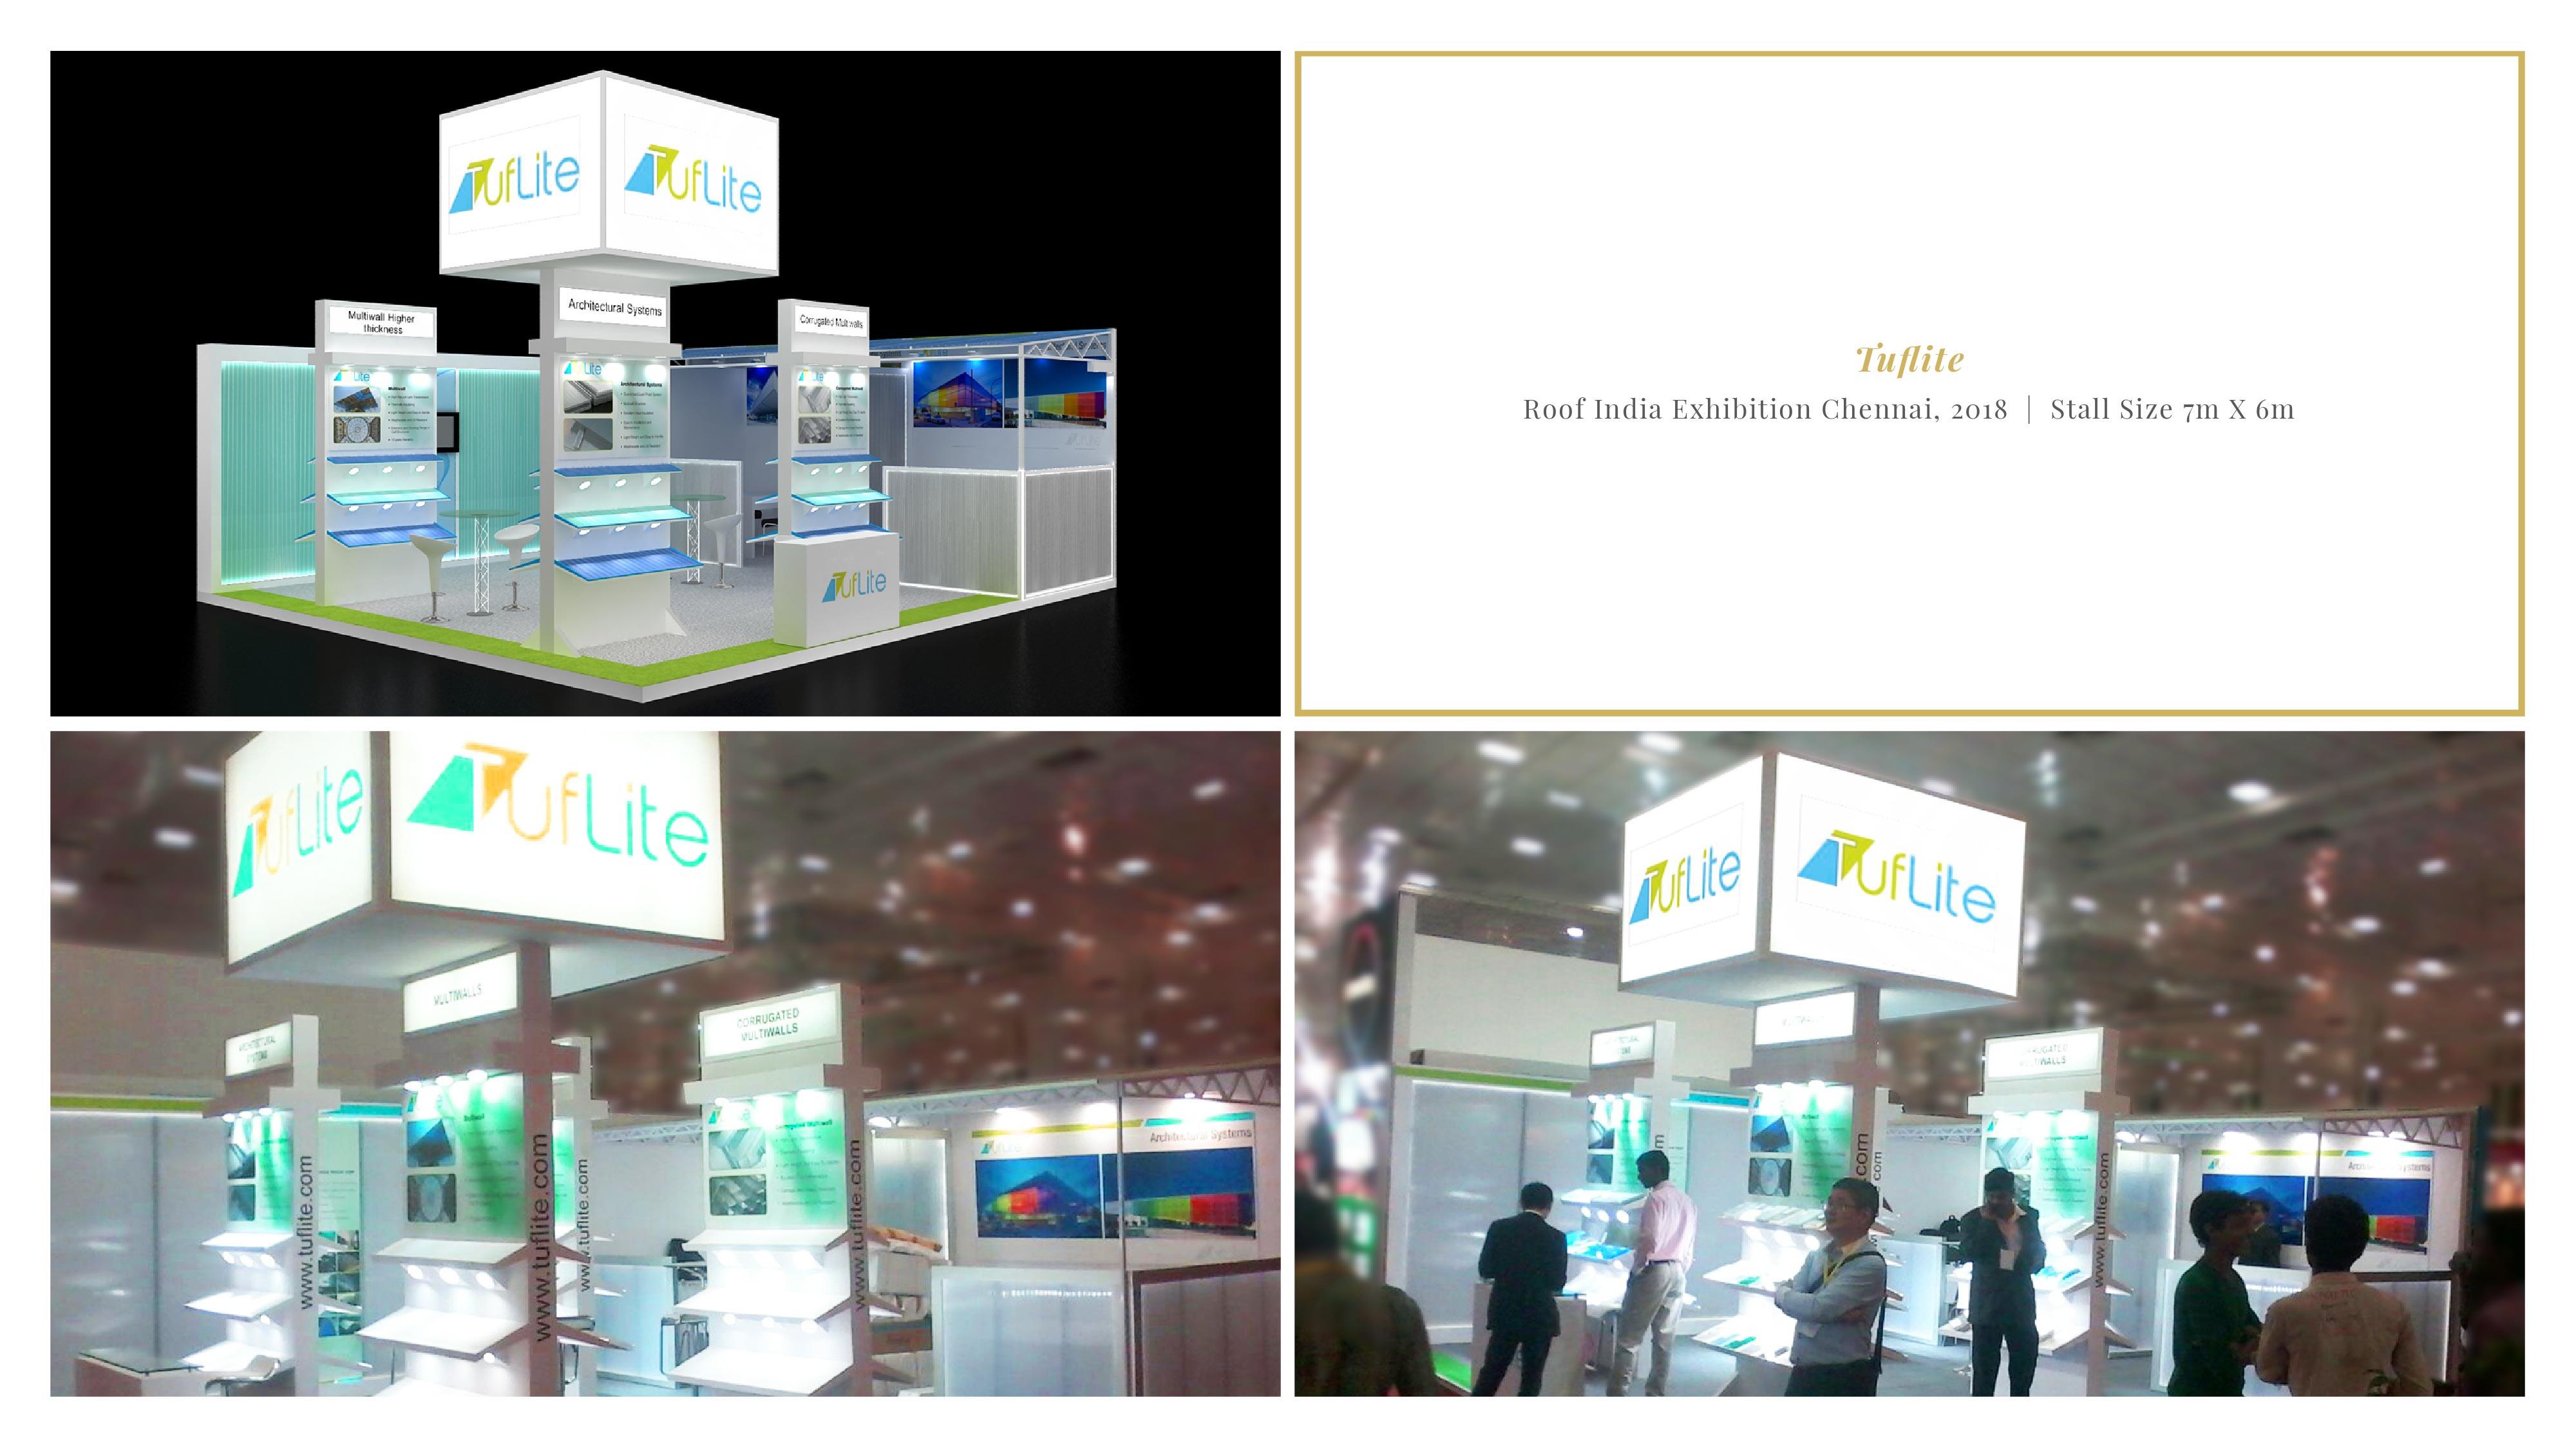 Tuflite - Roof India Exhibition Chennai 2018